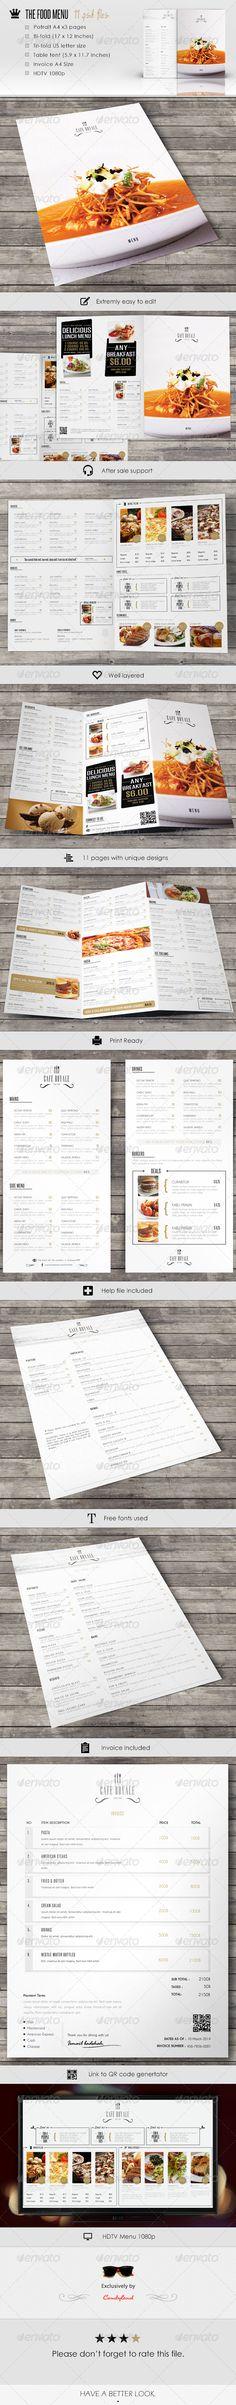 Menu pack 3 - #Food #Menus Print #Templates Download here: https://graphicriver.net/item/menu-pack-3/7523260?ref=alena994